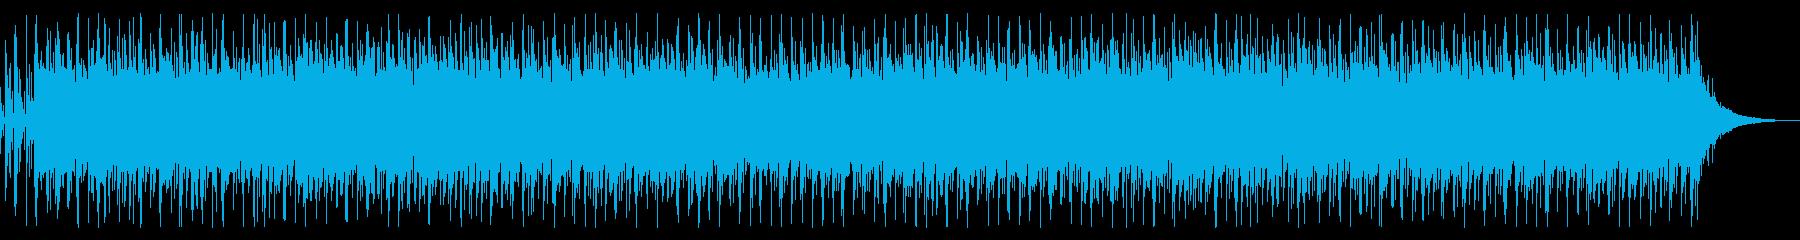 トロピカルなウクレレ・夏向き・水中映像等の再生済みの波形